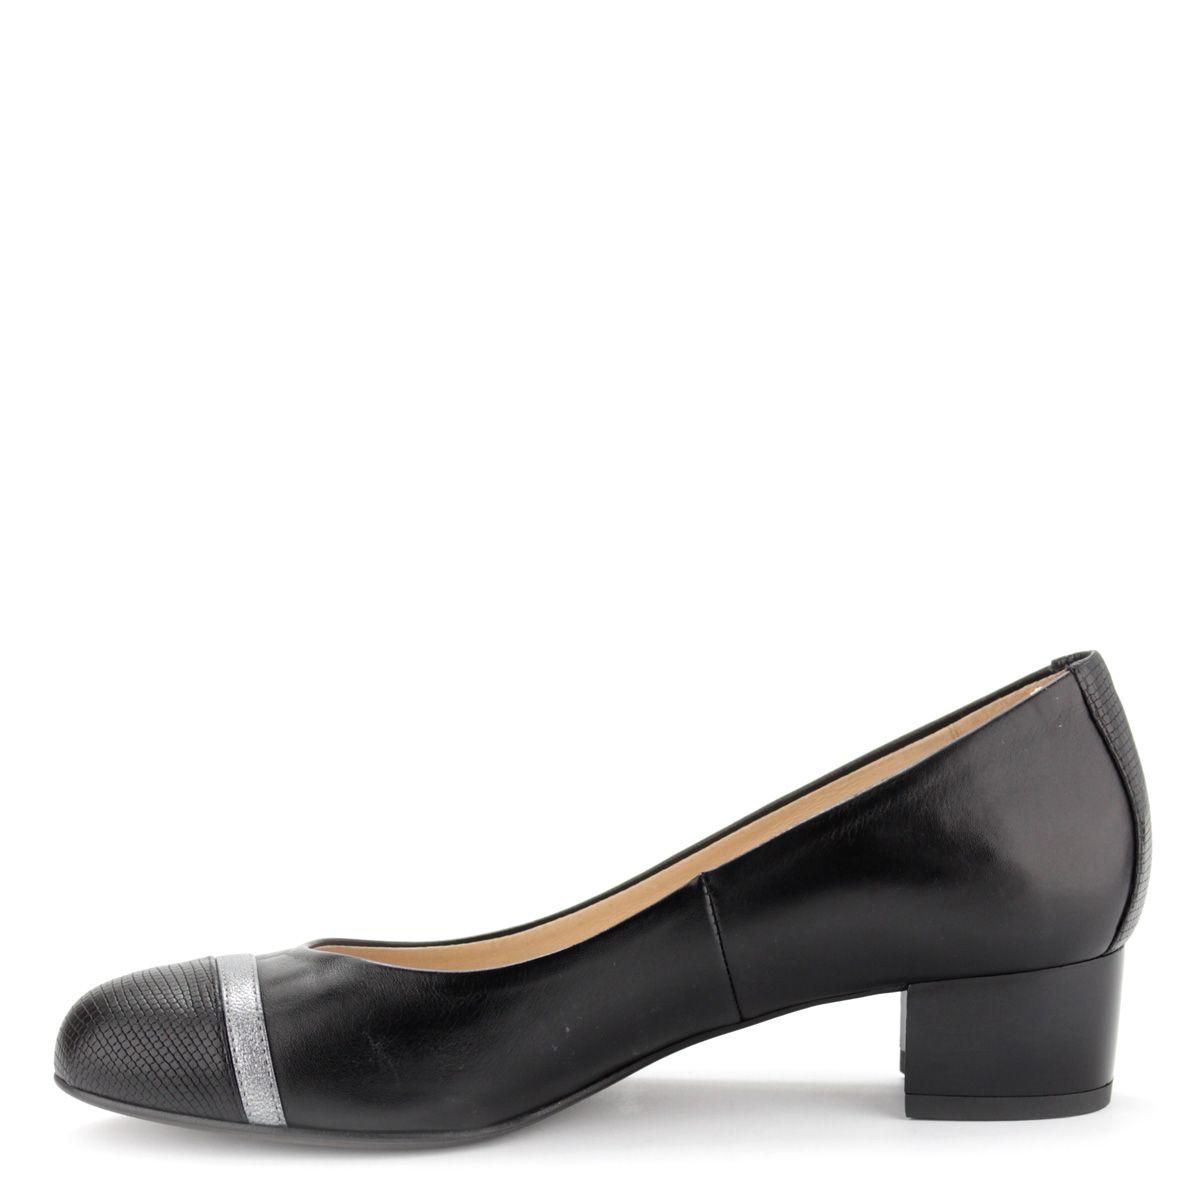 0dfce274238c Kotyl fekete női bőr cipő 4 cm magas sarokkal | ChiX.hu cipő webáruház Kotyl